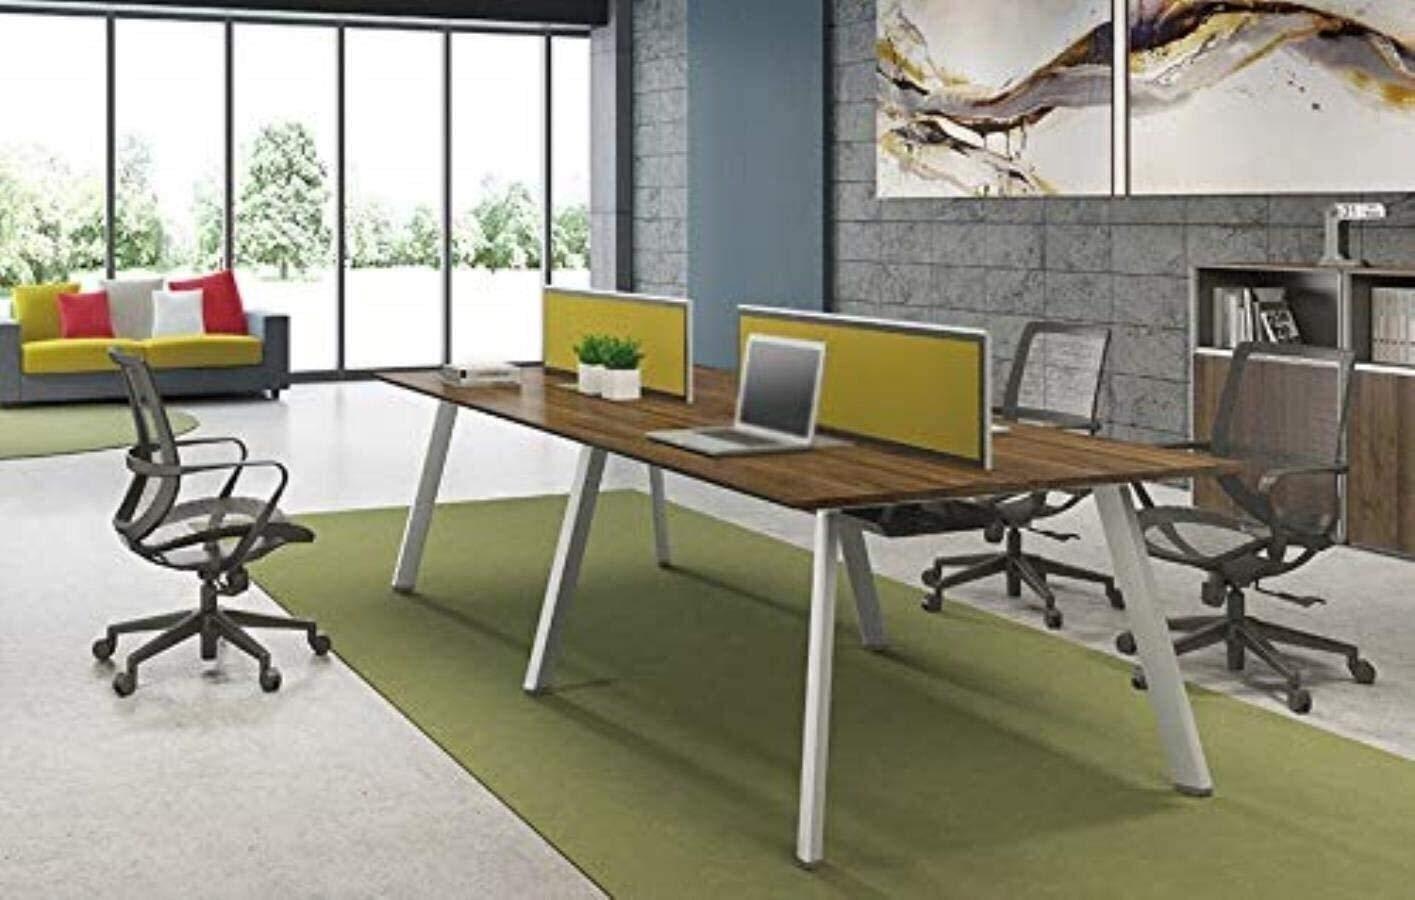 DBL Executive Recline bekväm stödstol, midjestol stöd ryggstol datorstol kontorsstol konferensstol vadderad kontorsstol skrivbordsstolar (färg: vit) Vitt